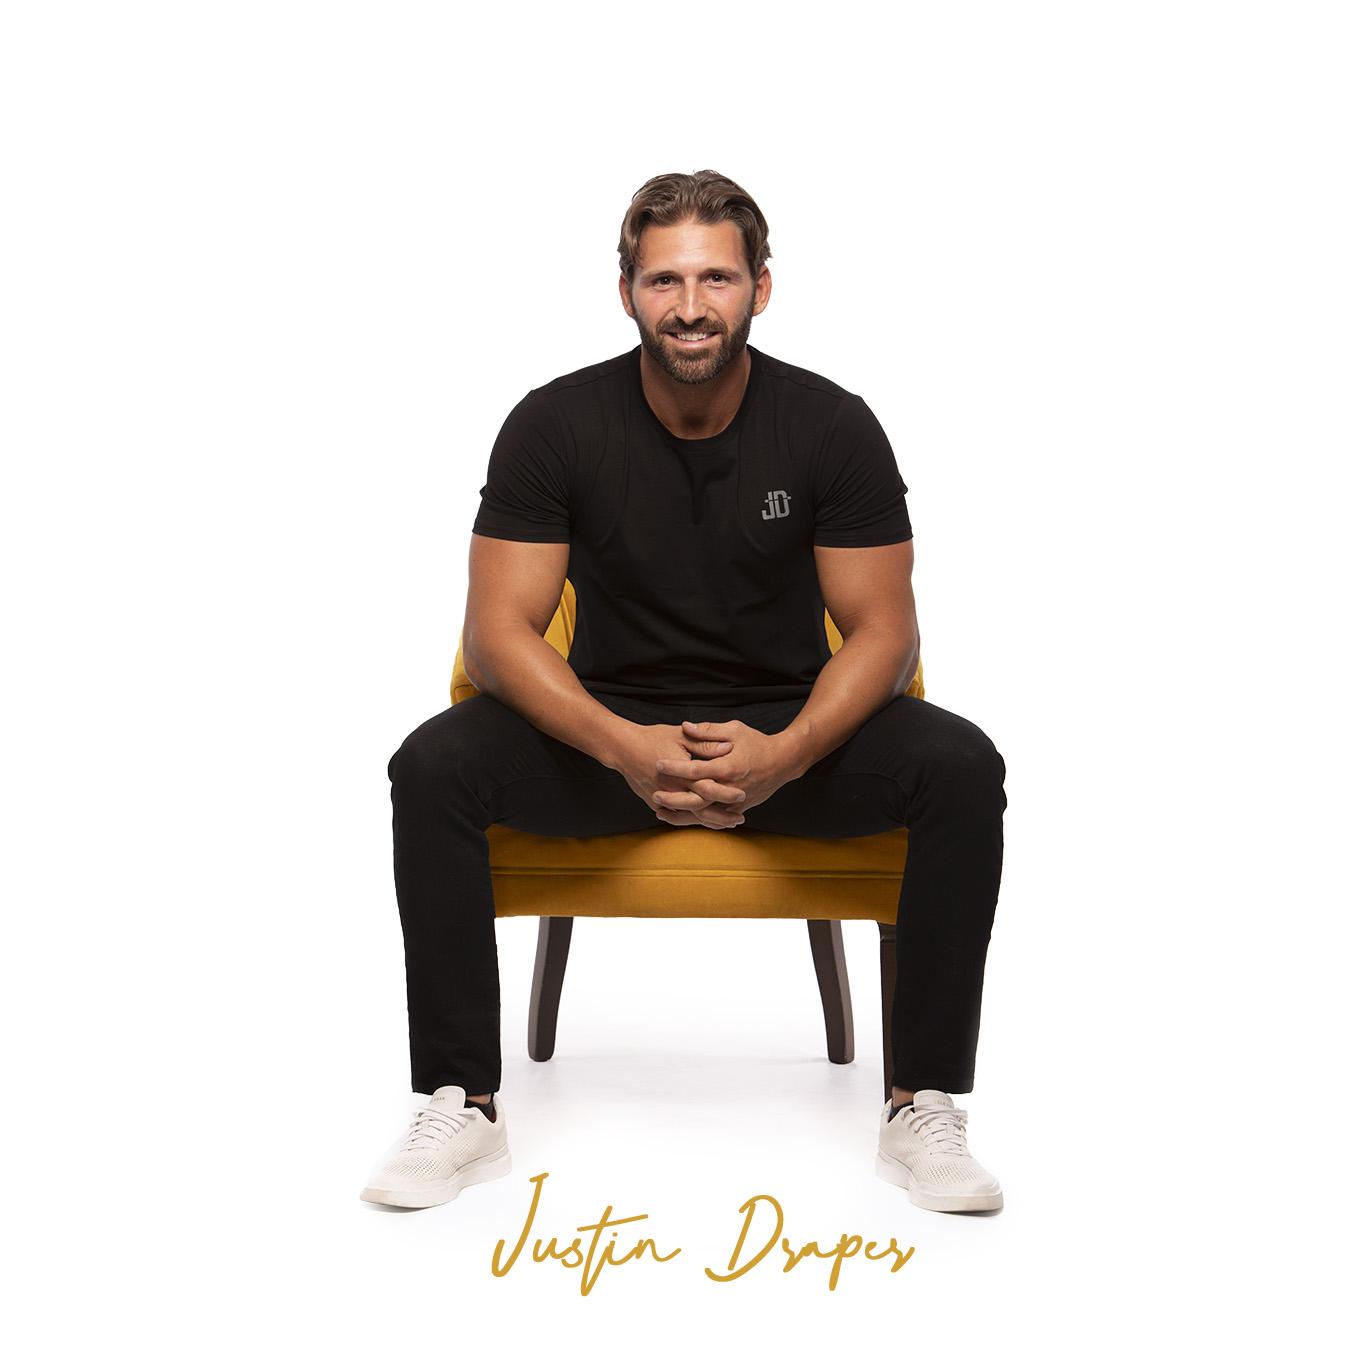 Justin Draper